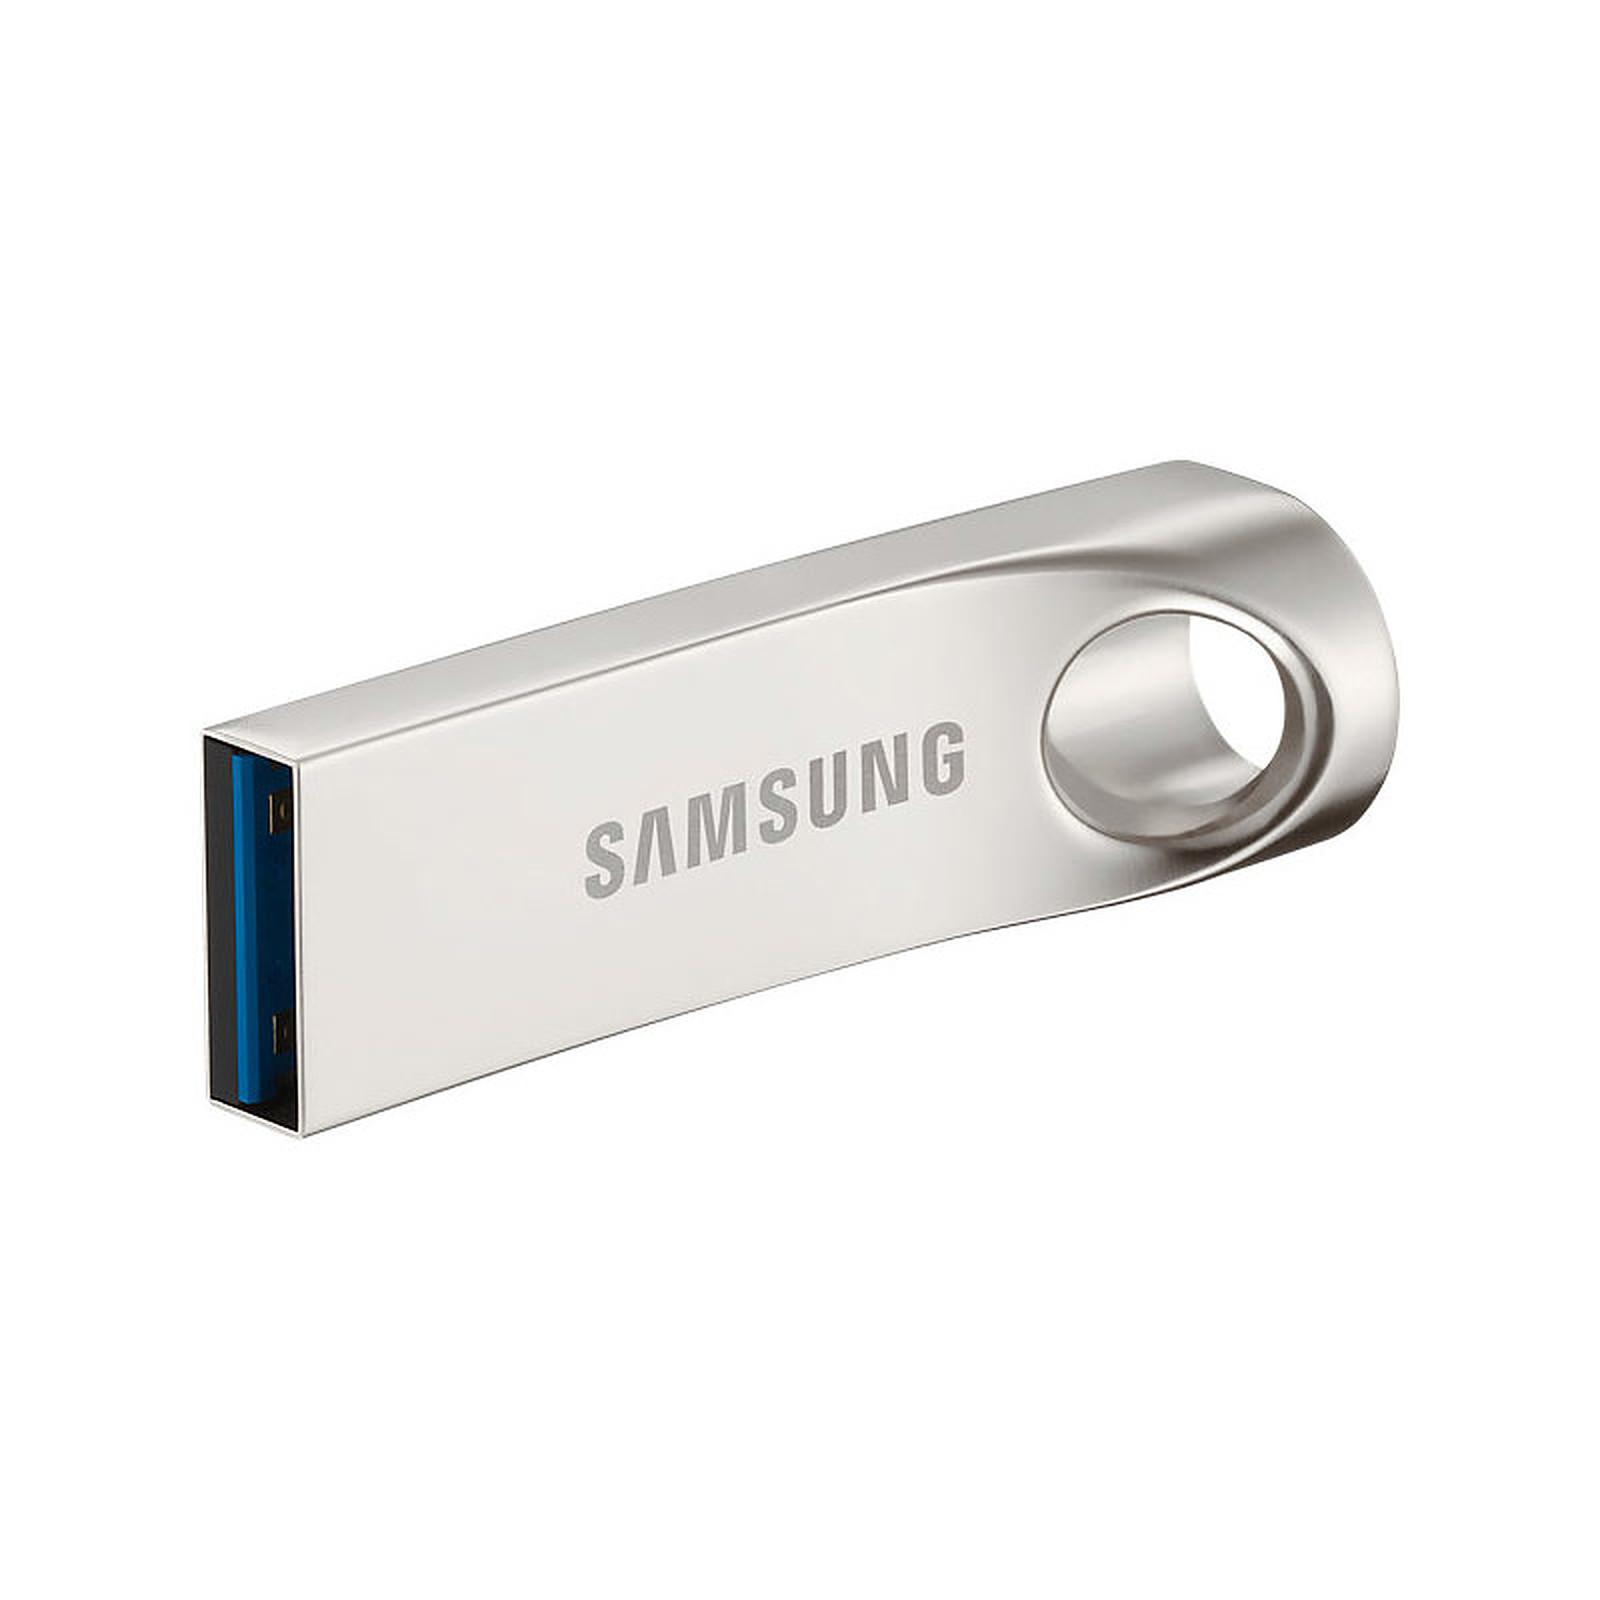 Samsung 128 Go - MUF-128BA/EU